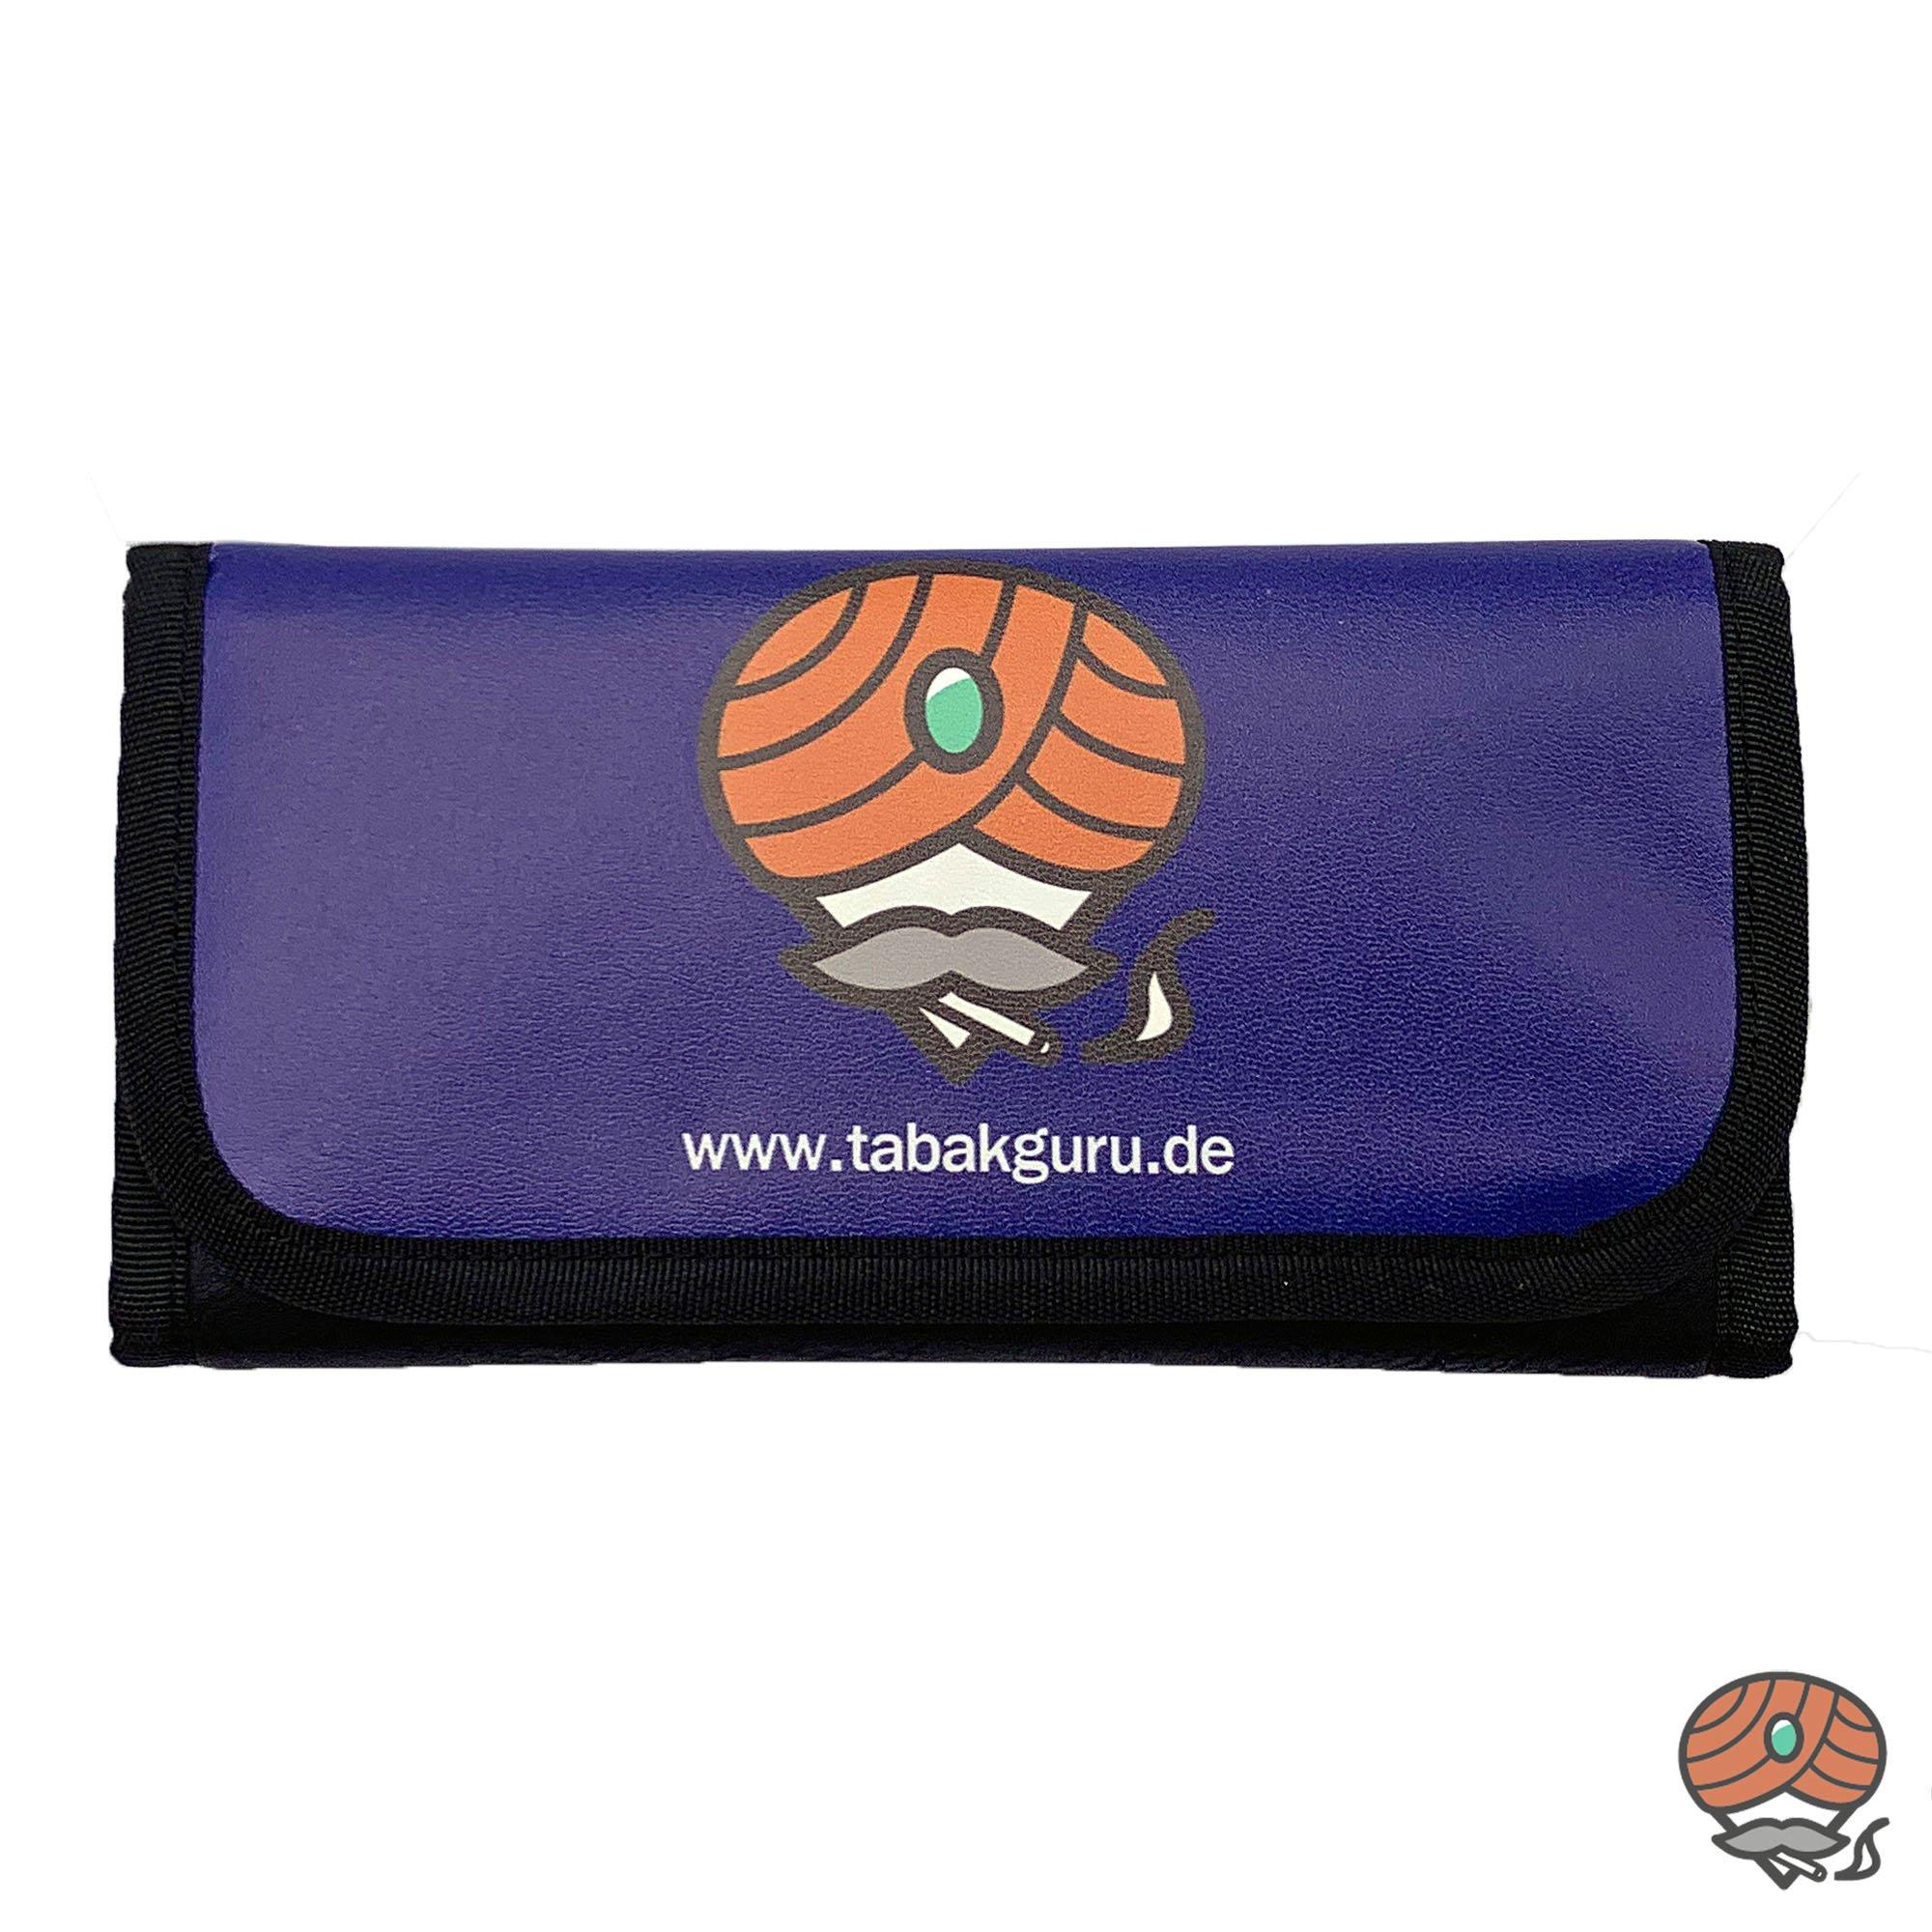 Tabakguru Tabak Beutel / Tasche für Drehtabak und Zubehör Dunkelblau / Schwarz